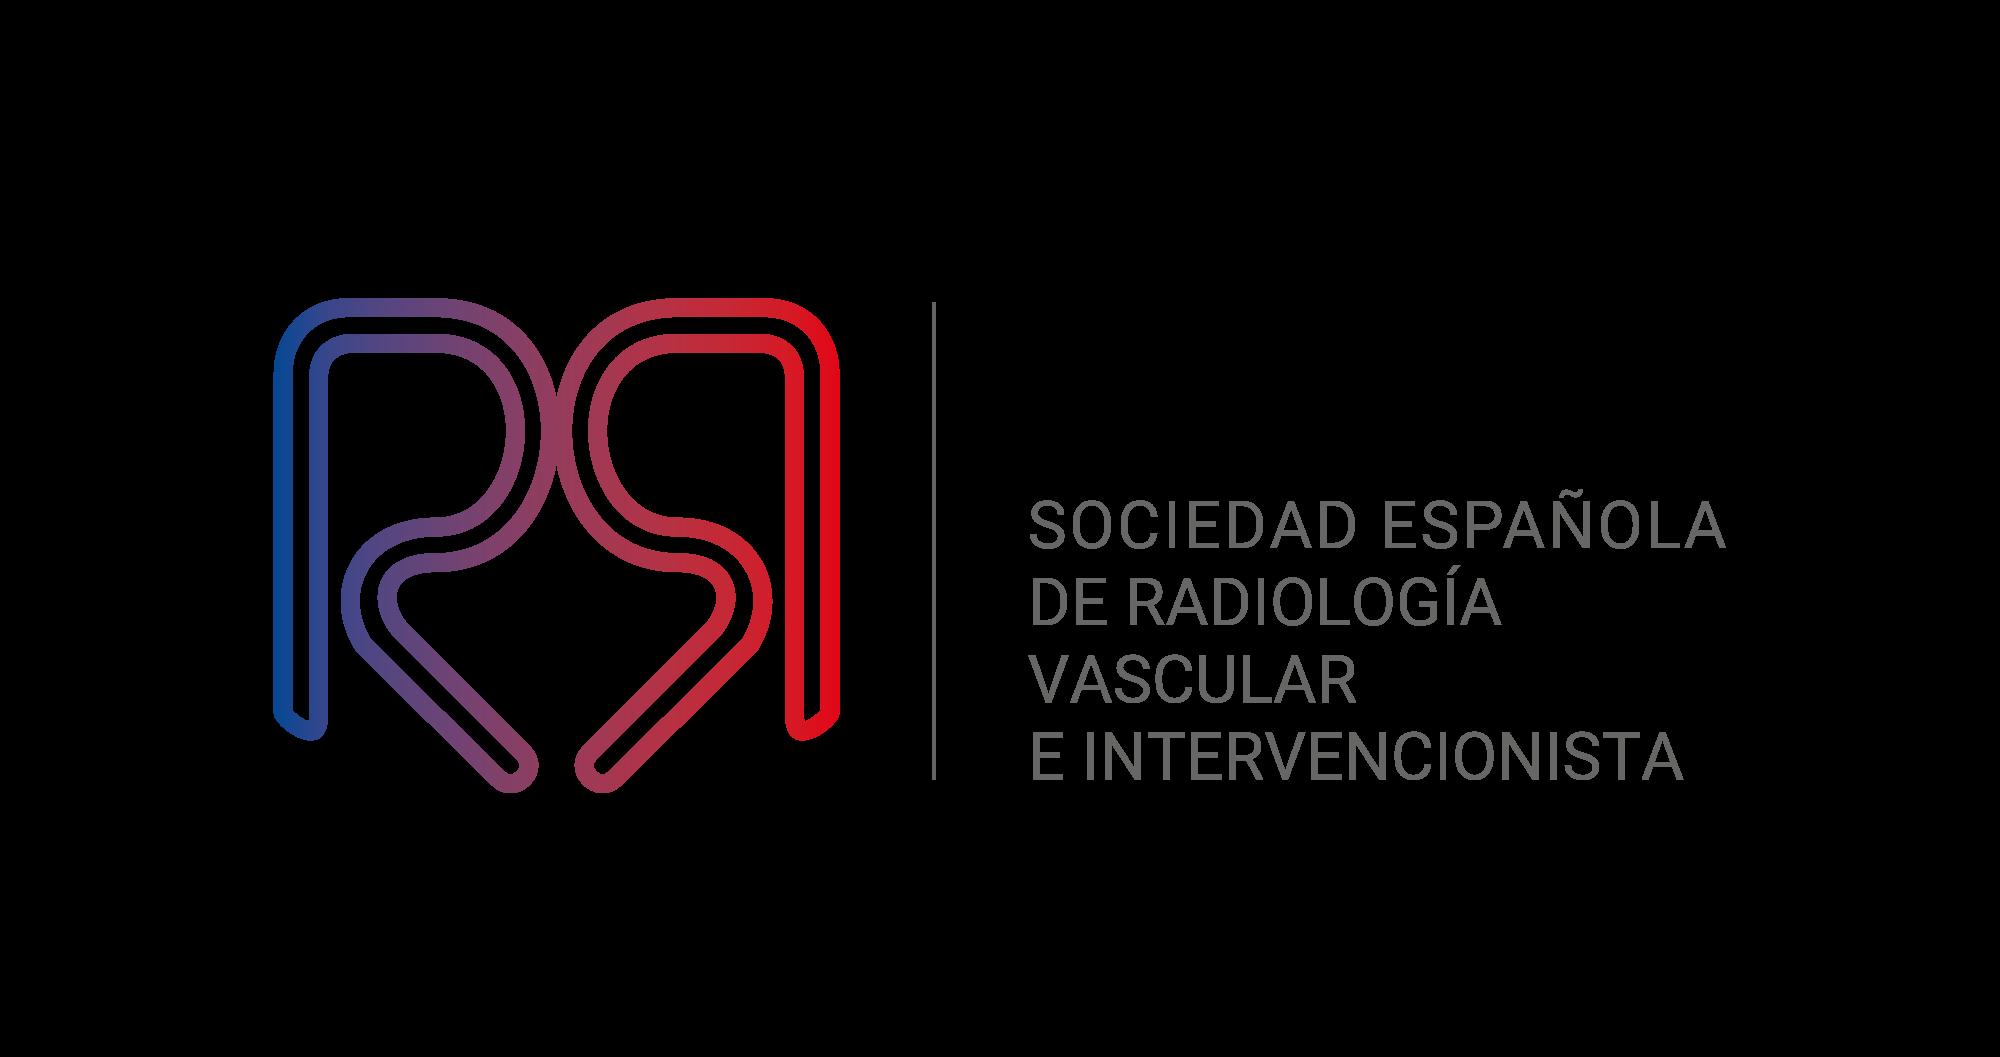 SERVEI-Radiología Vascular Intervencionista